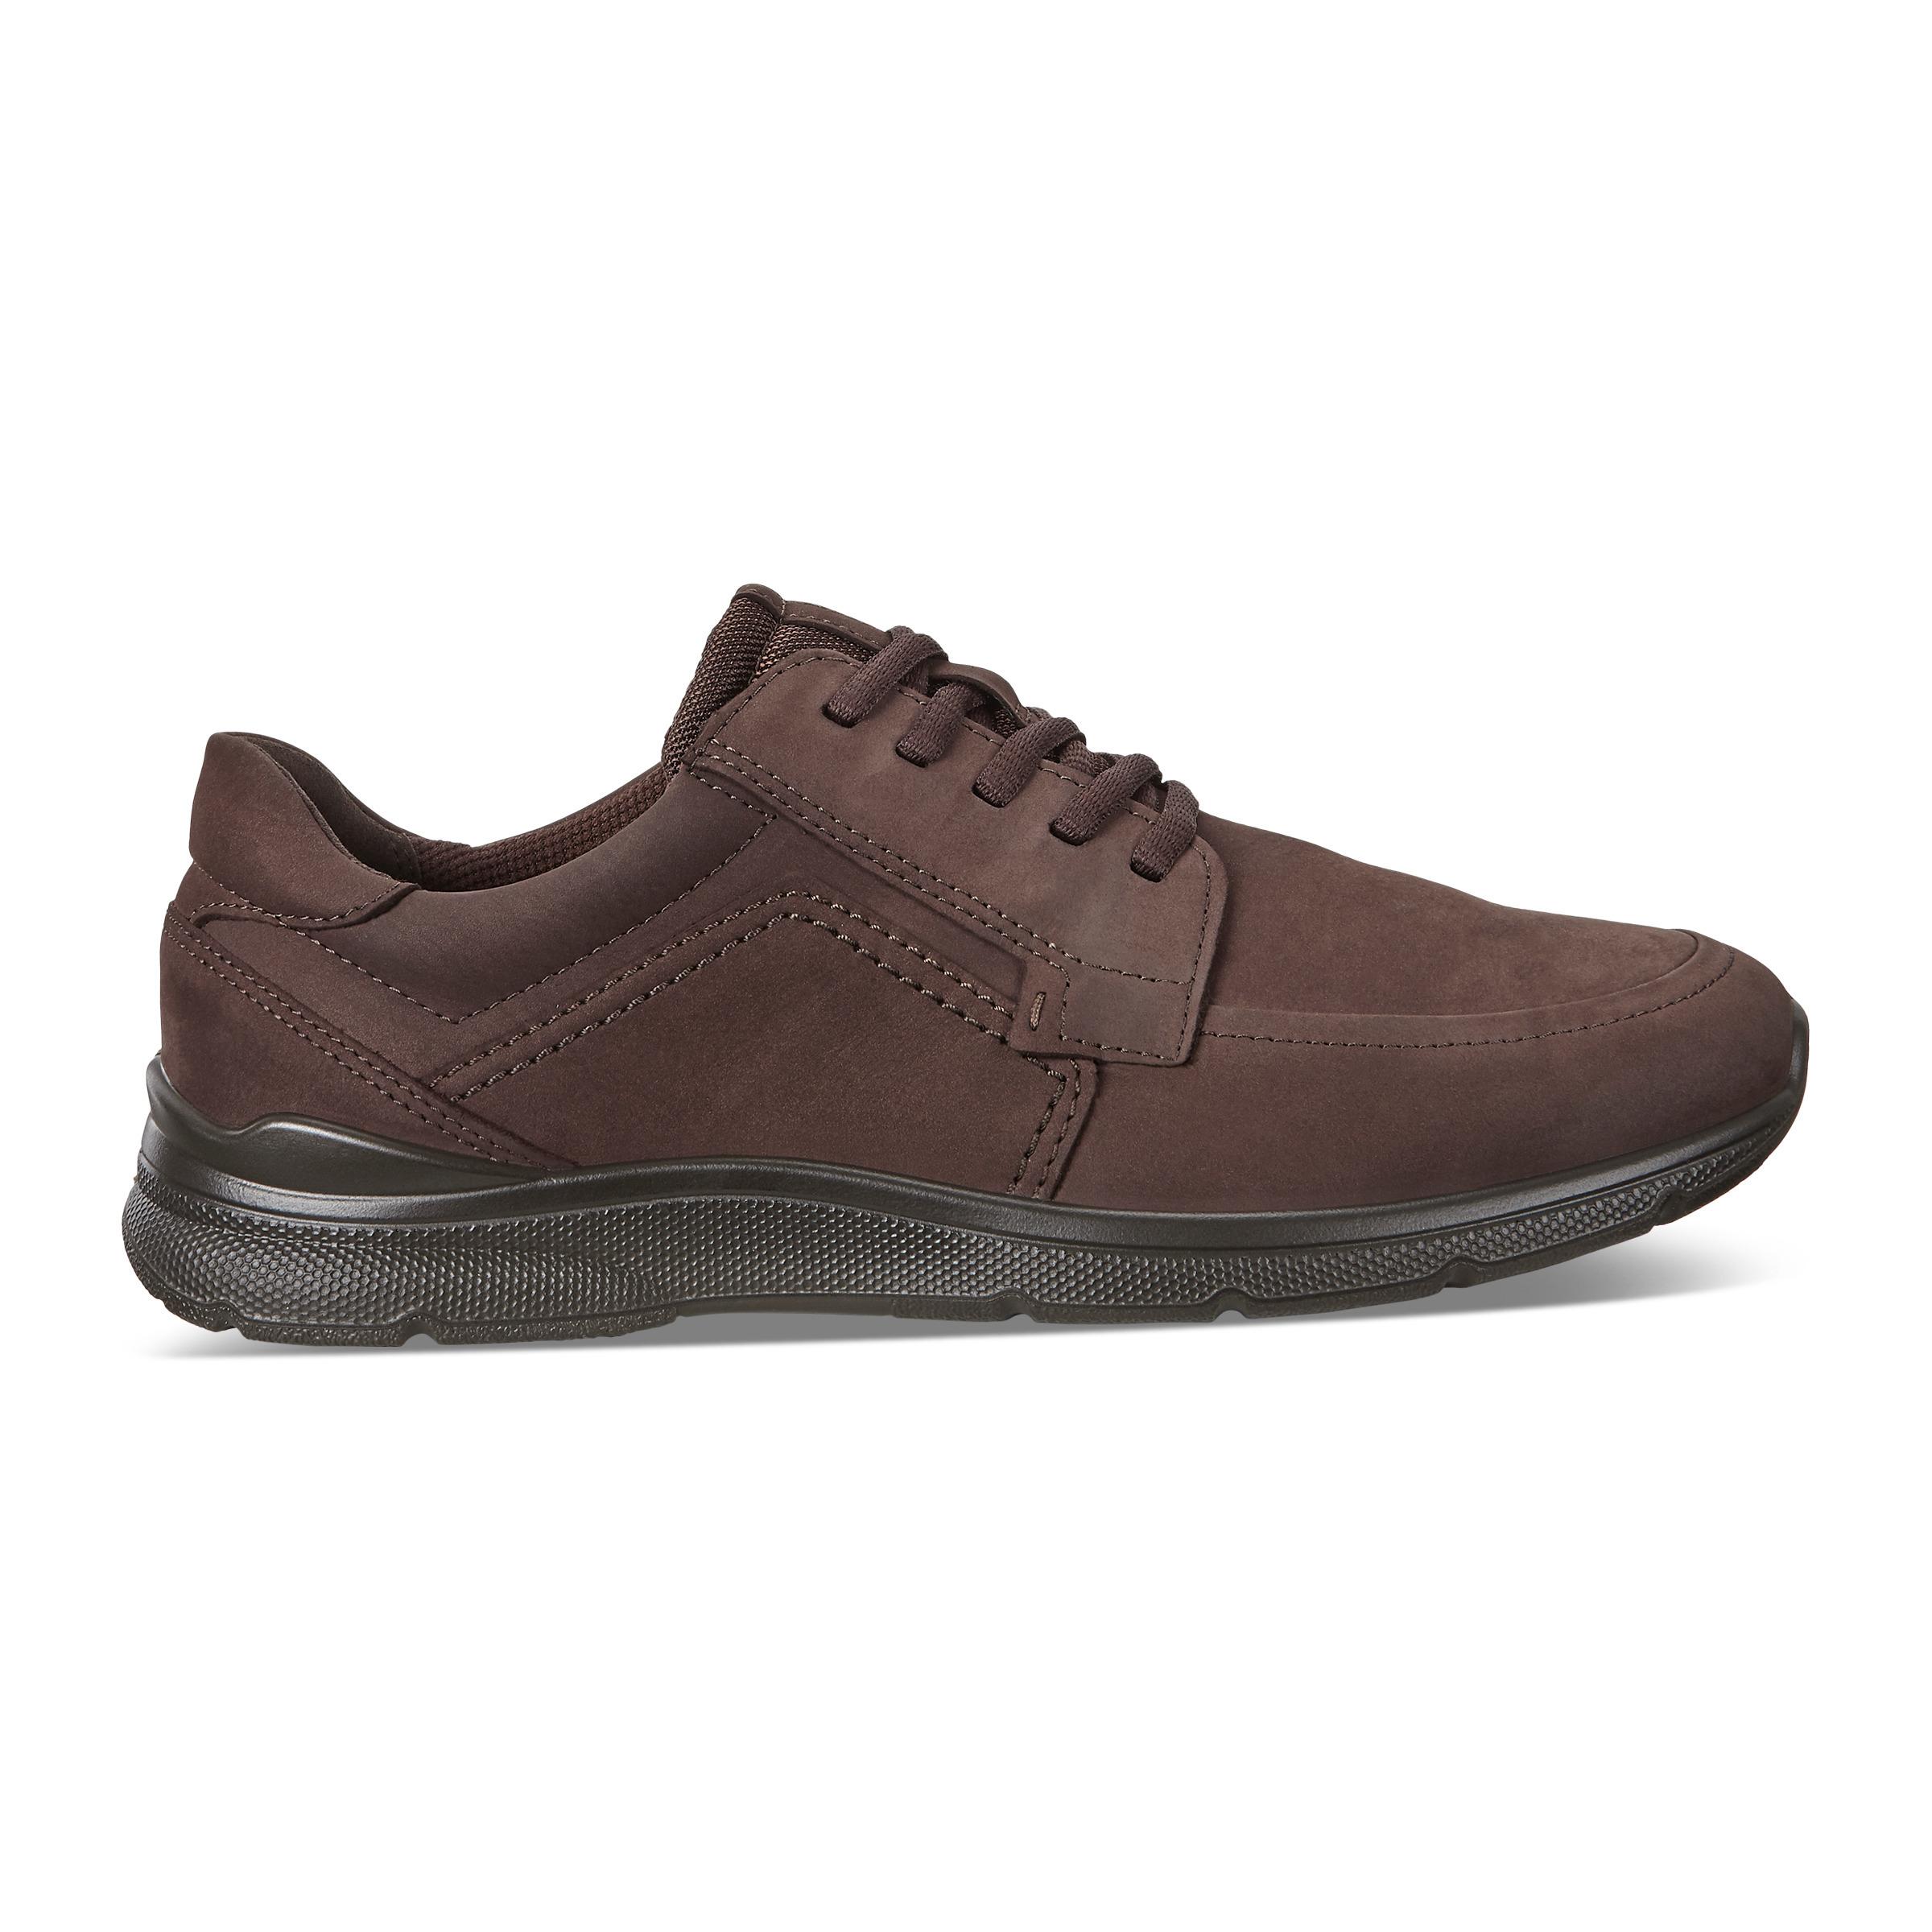 ECCO Sneaker braun ECCO IRVING